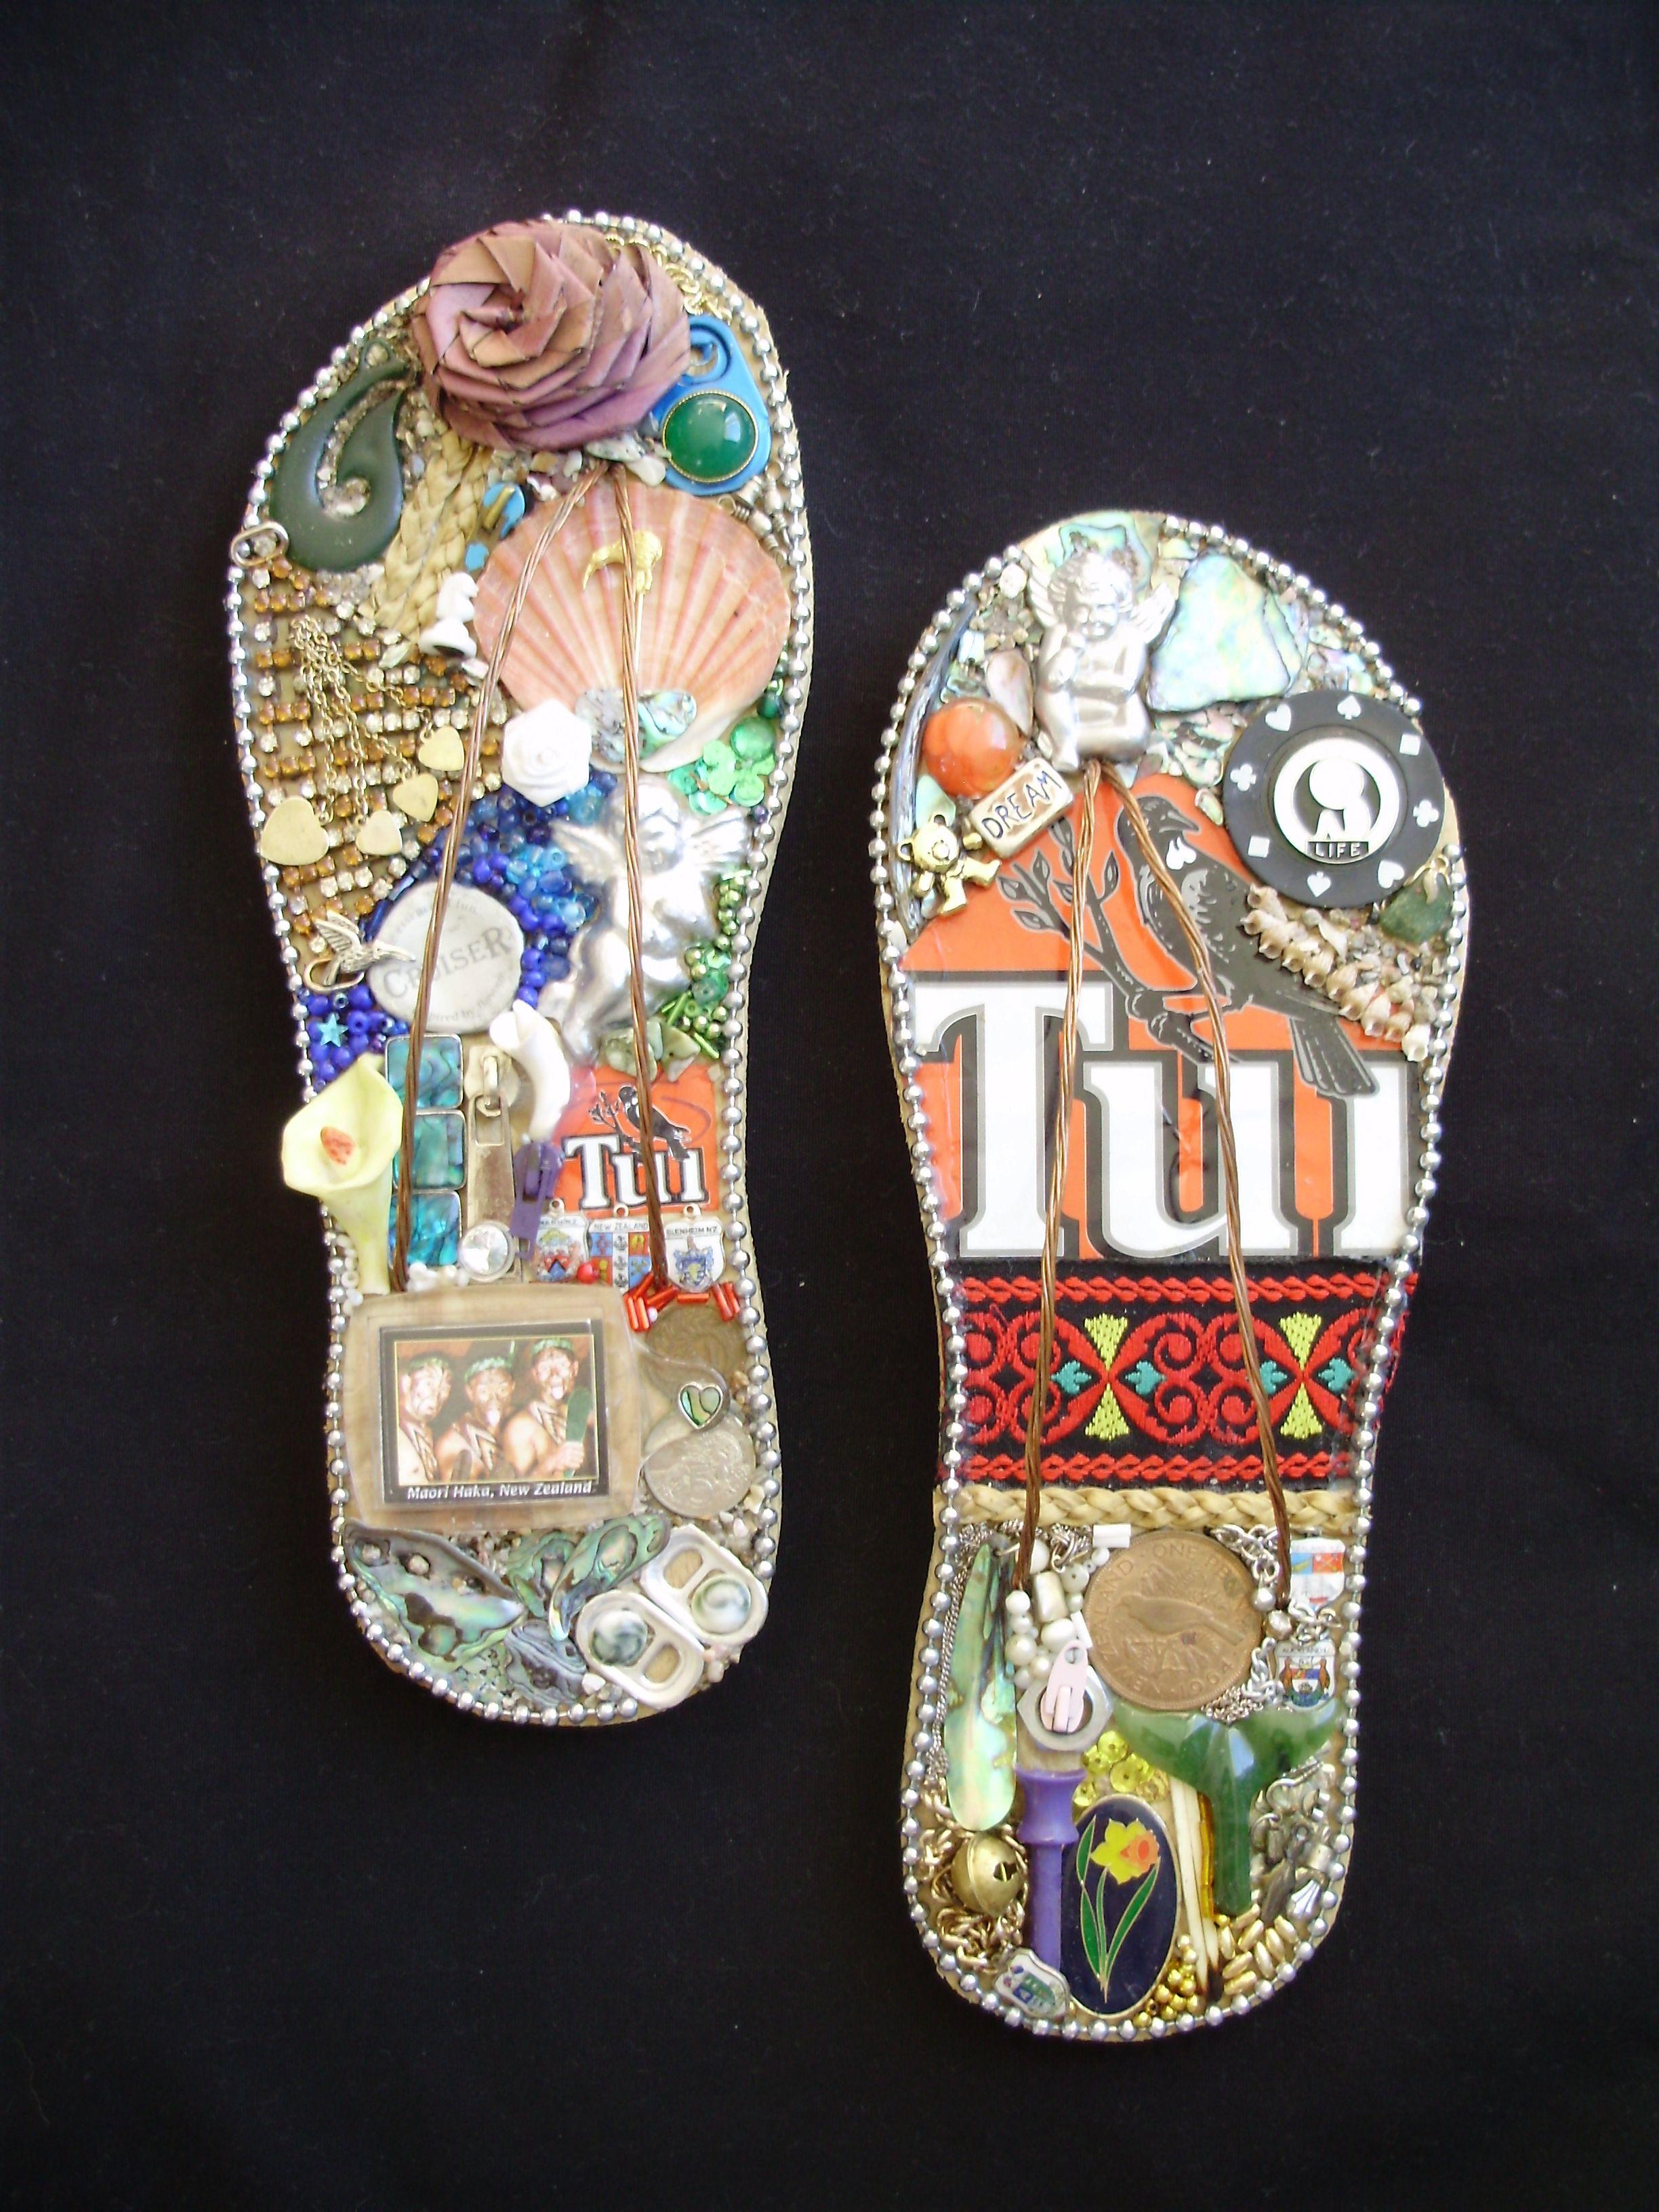 a4b774355de02 Kiwiana Jandals - decorative jandals using New Zealand bitsnpieces ...